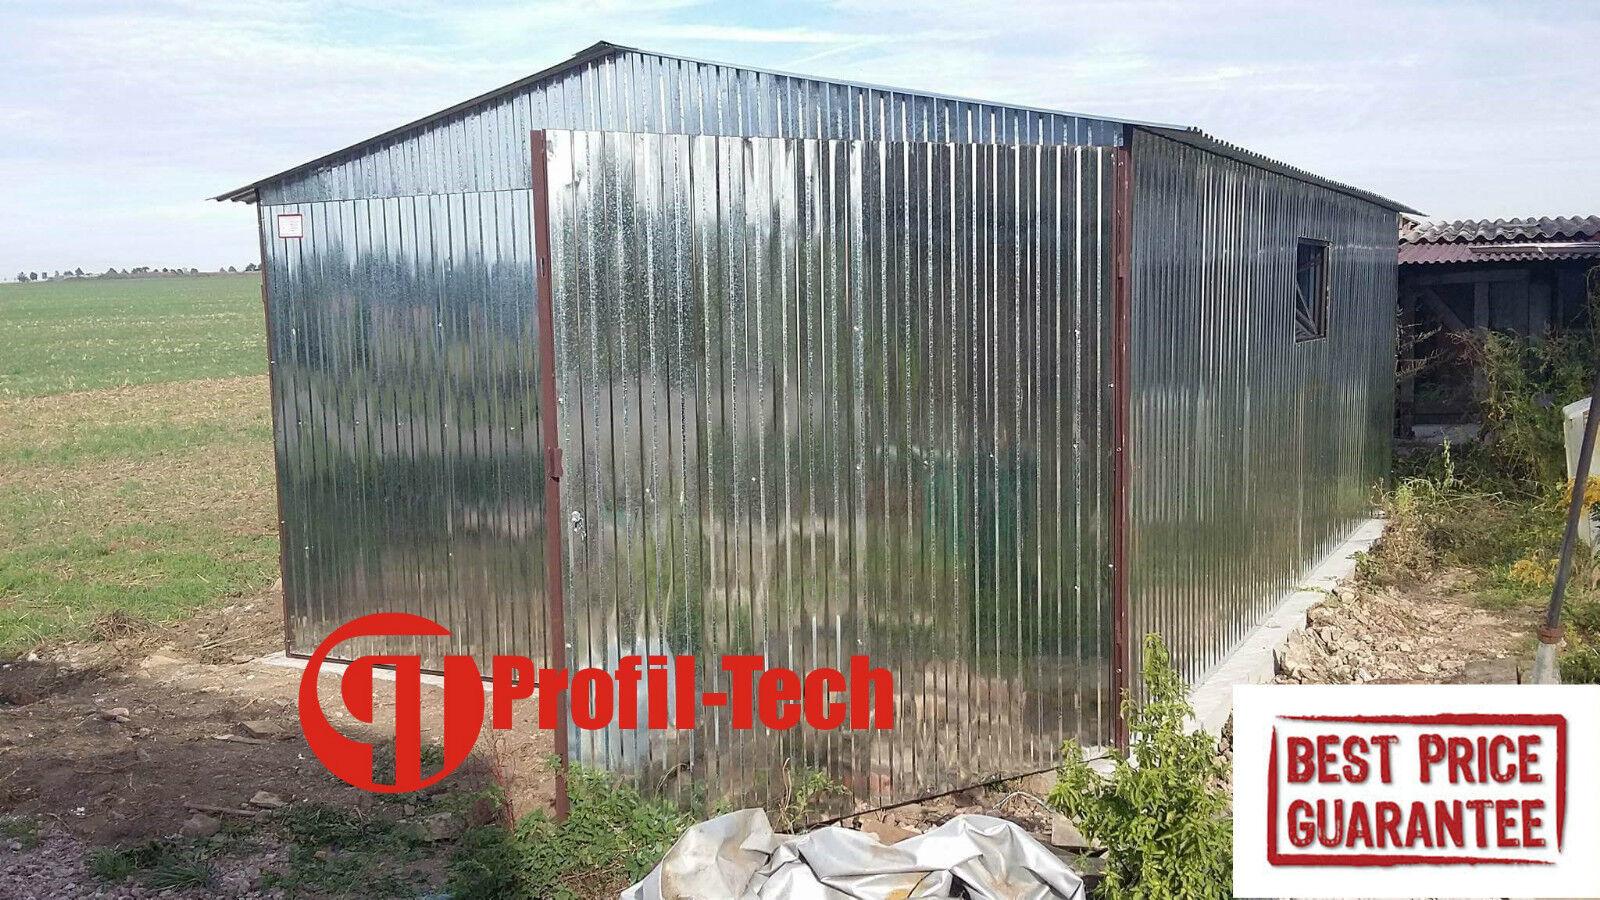 3,5x4,5 Blechgarage Fertiggarage Metallgarage LAGERRAUM RAUM KFZ GARAGE